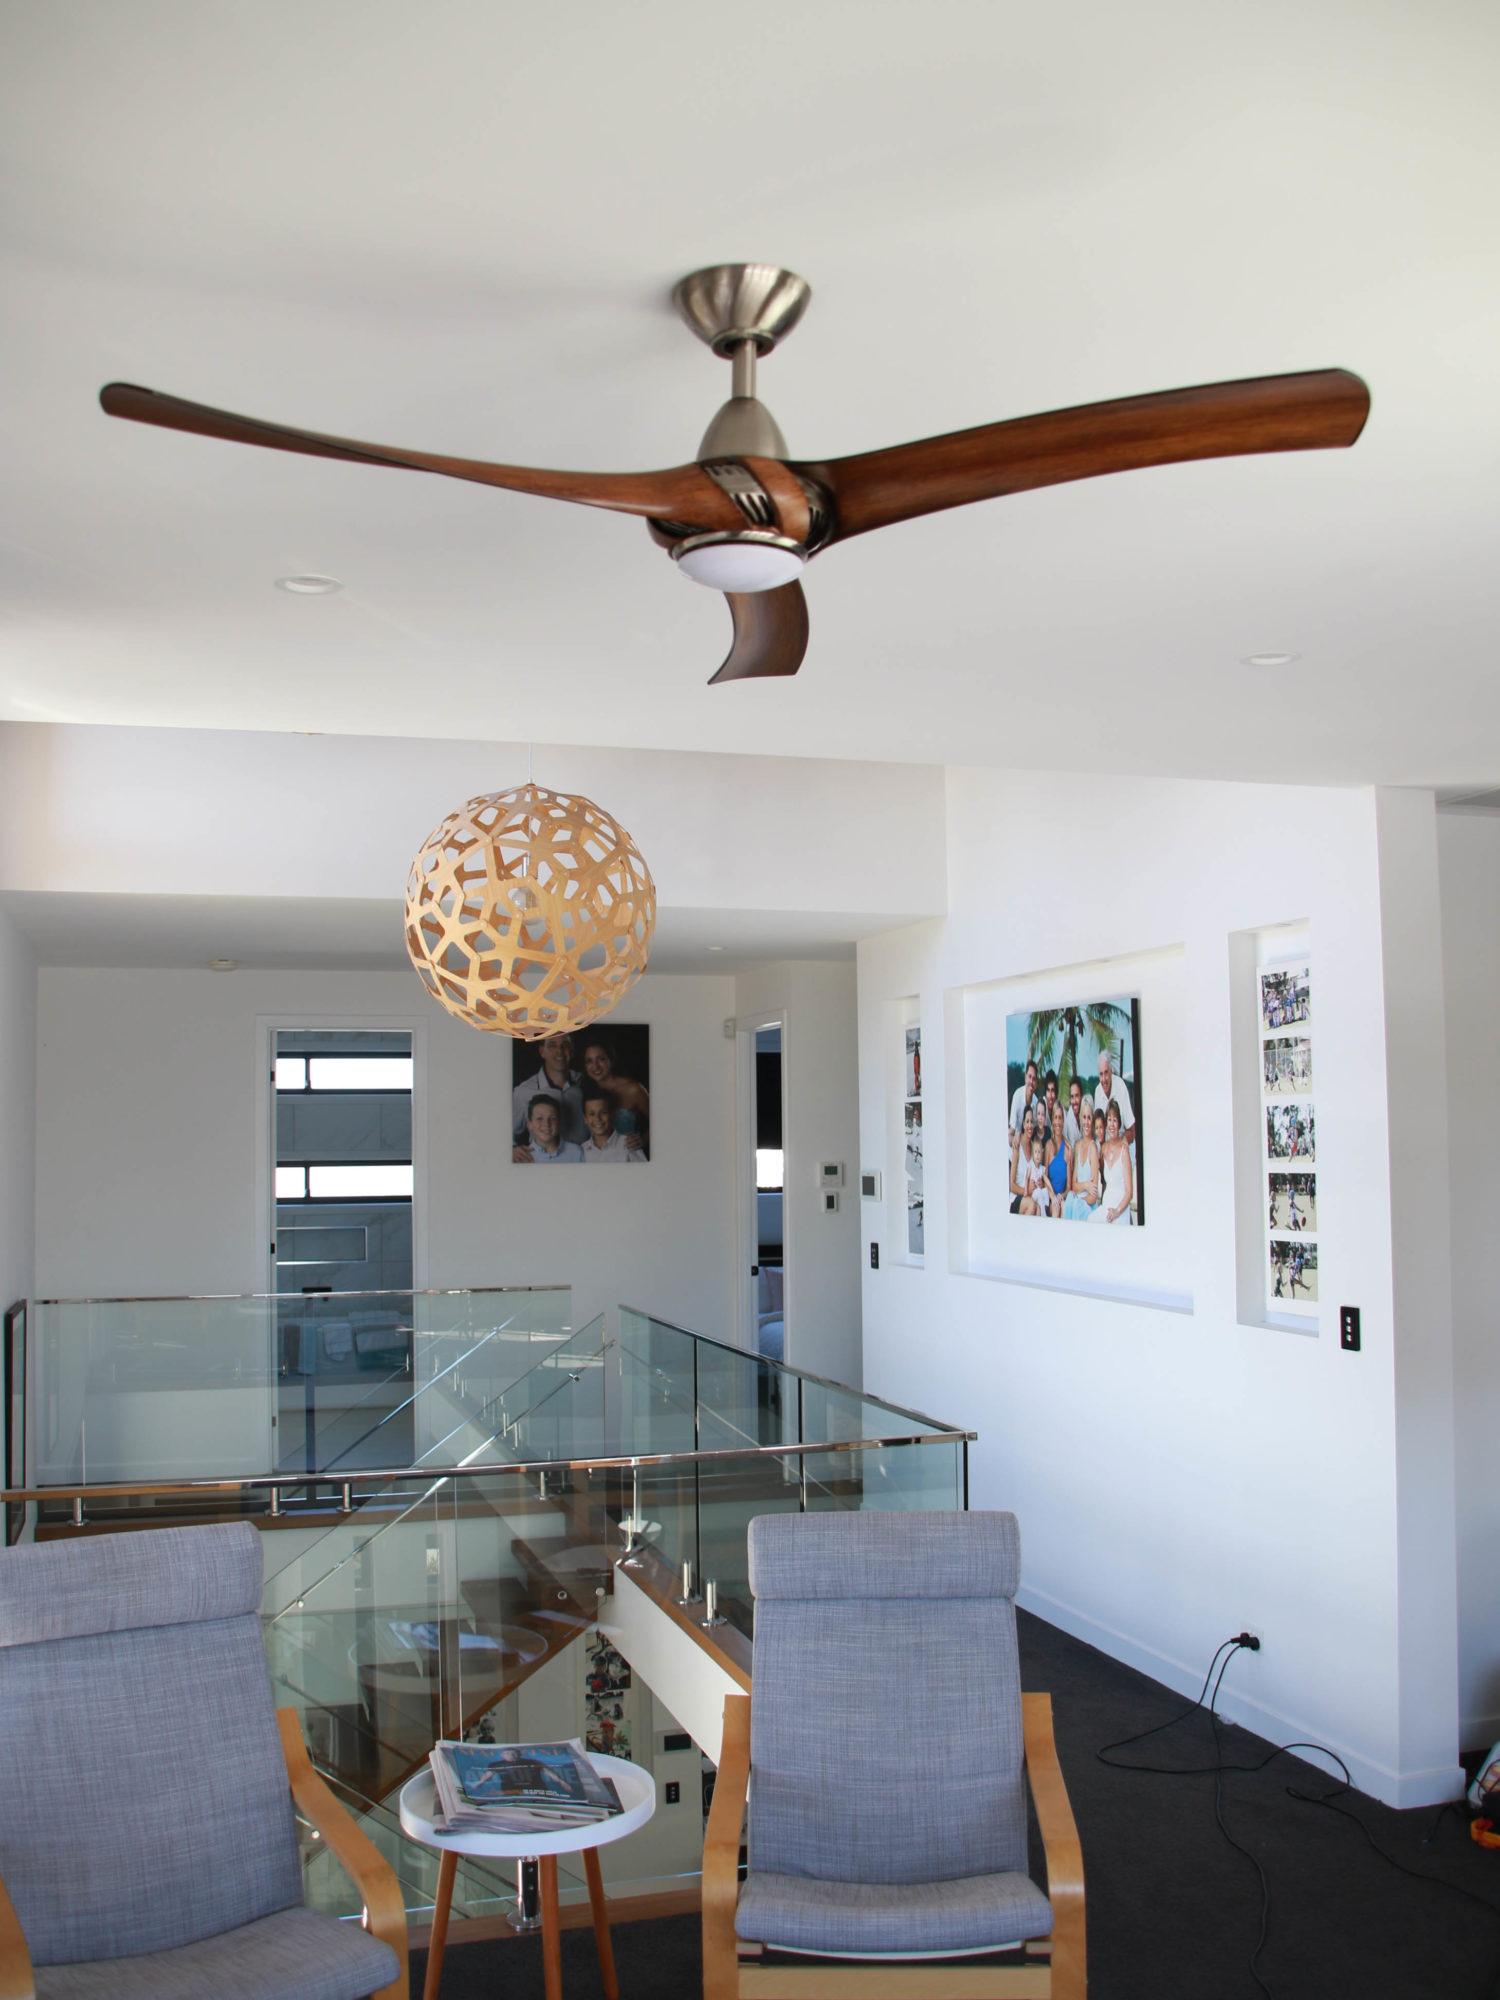 Arumi Ceiling Fan 19